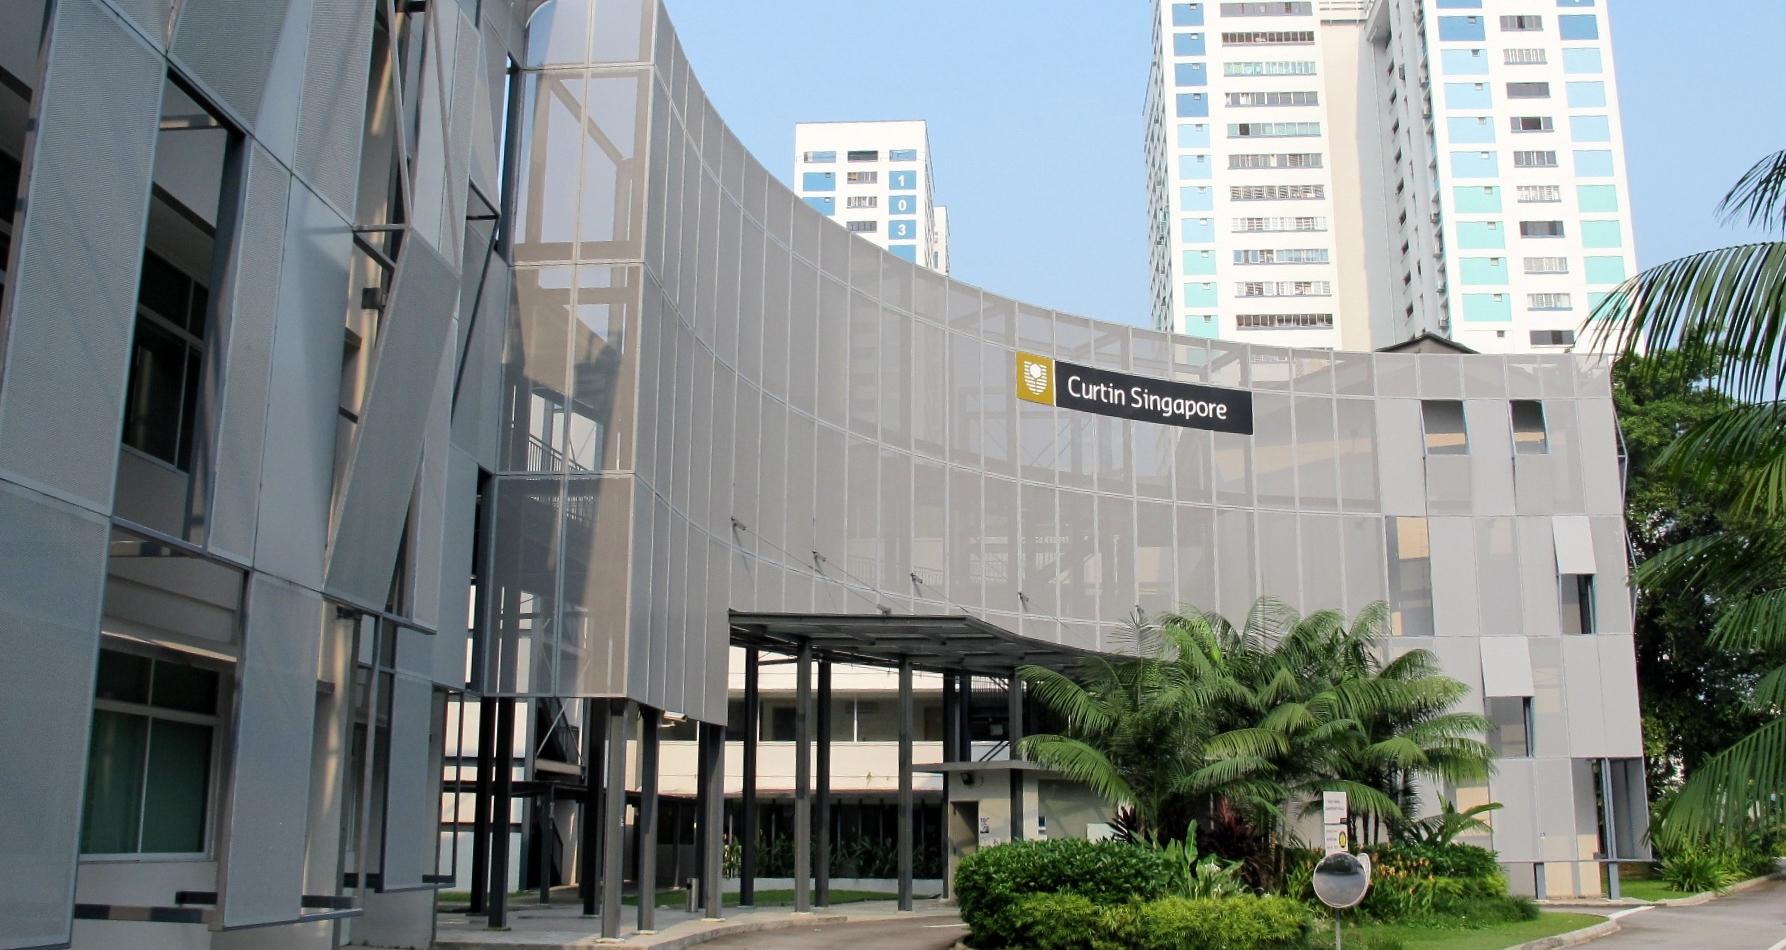 Cơ hội du học Úc tại Singapore với ĐH.Curtin Singapore